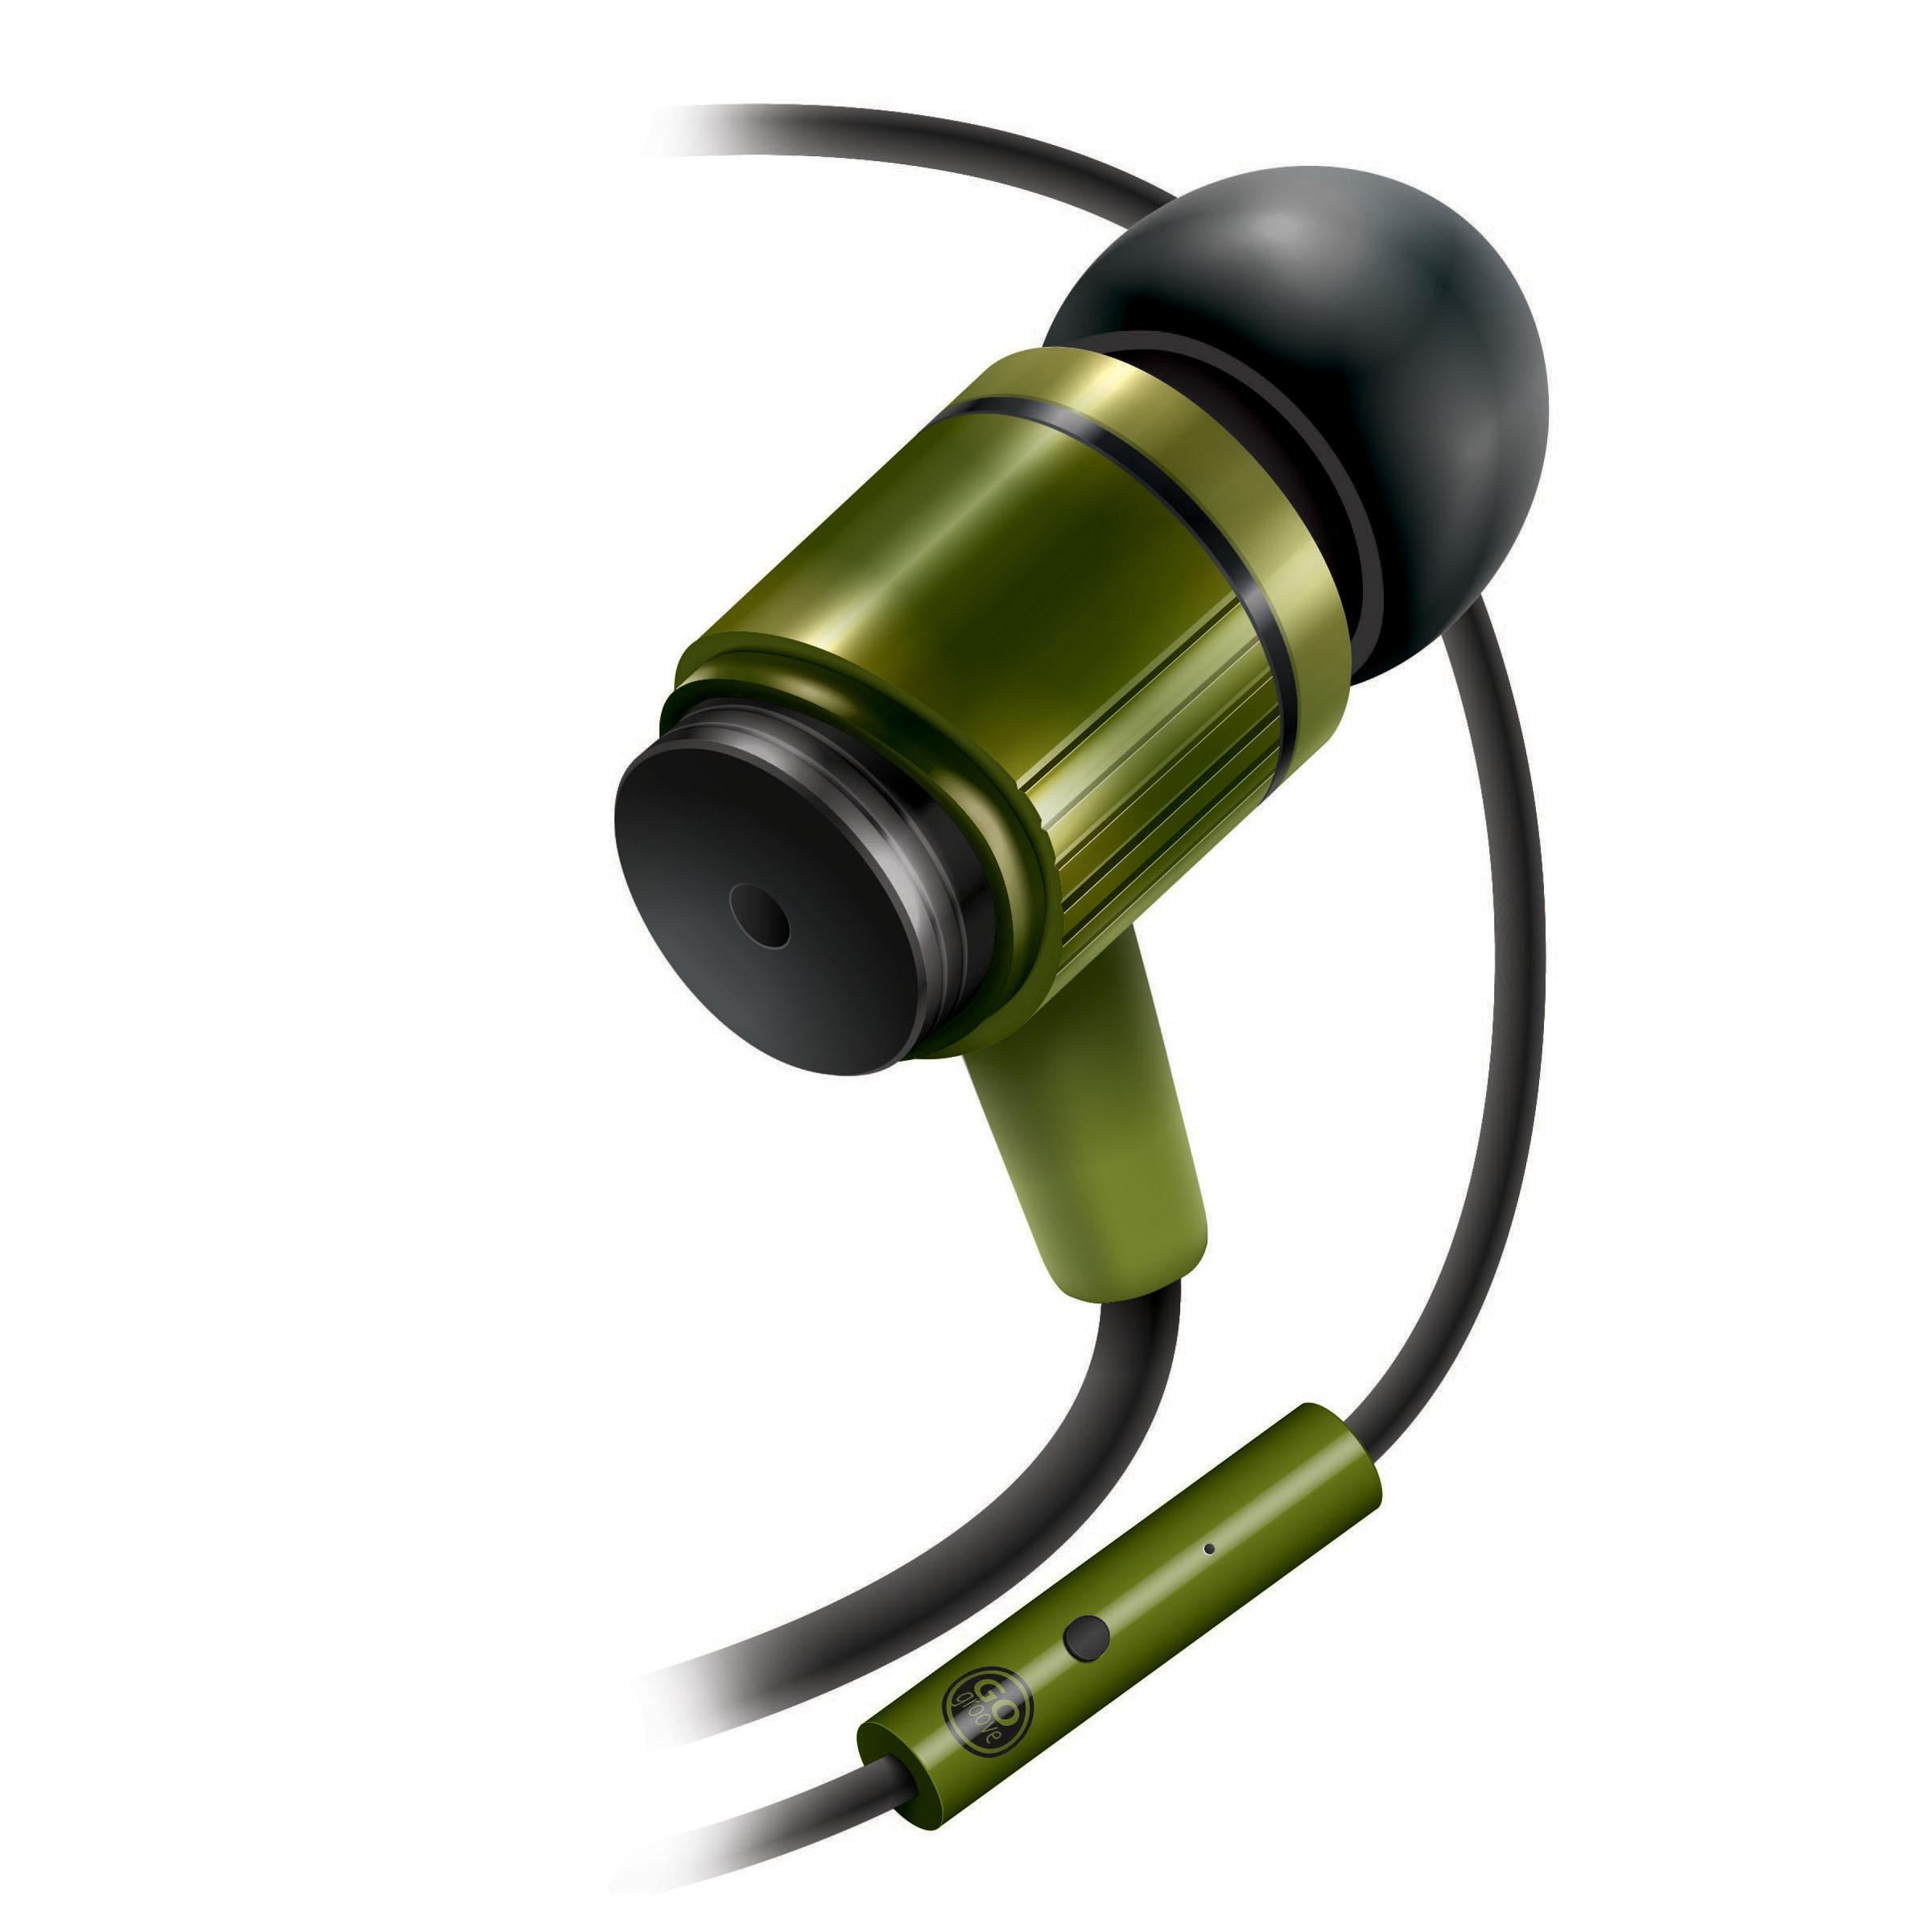 Heavy duty earbuds durable - light purple earbuds